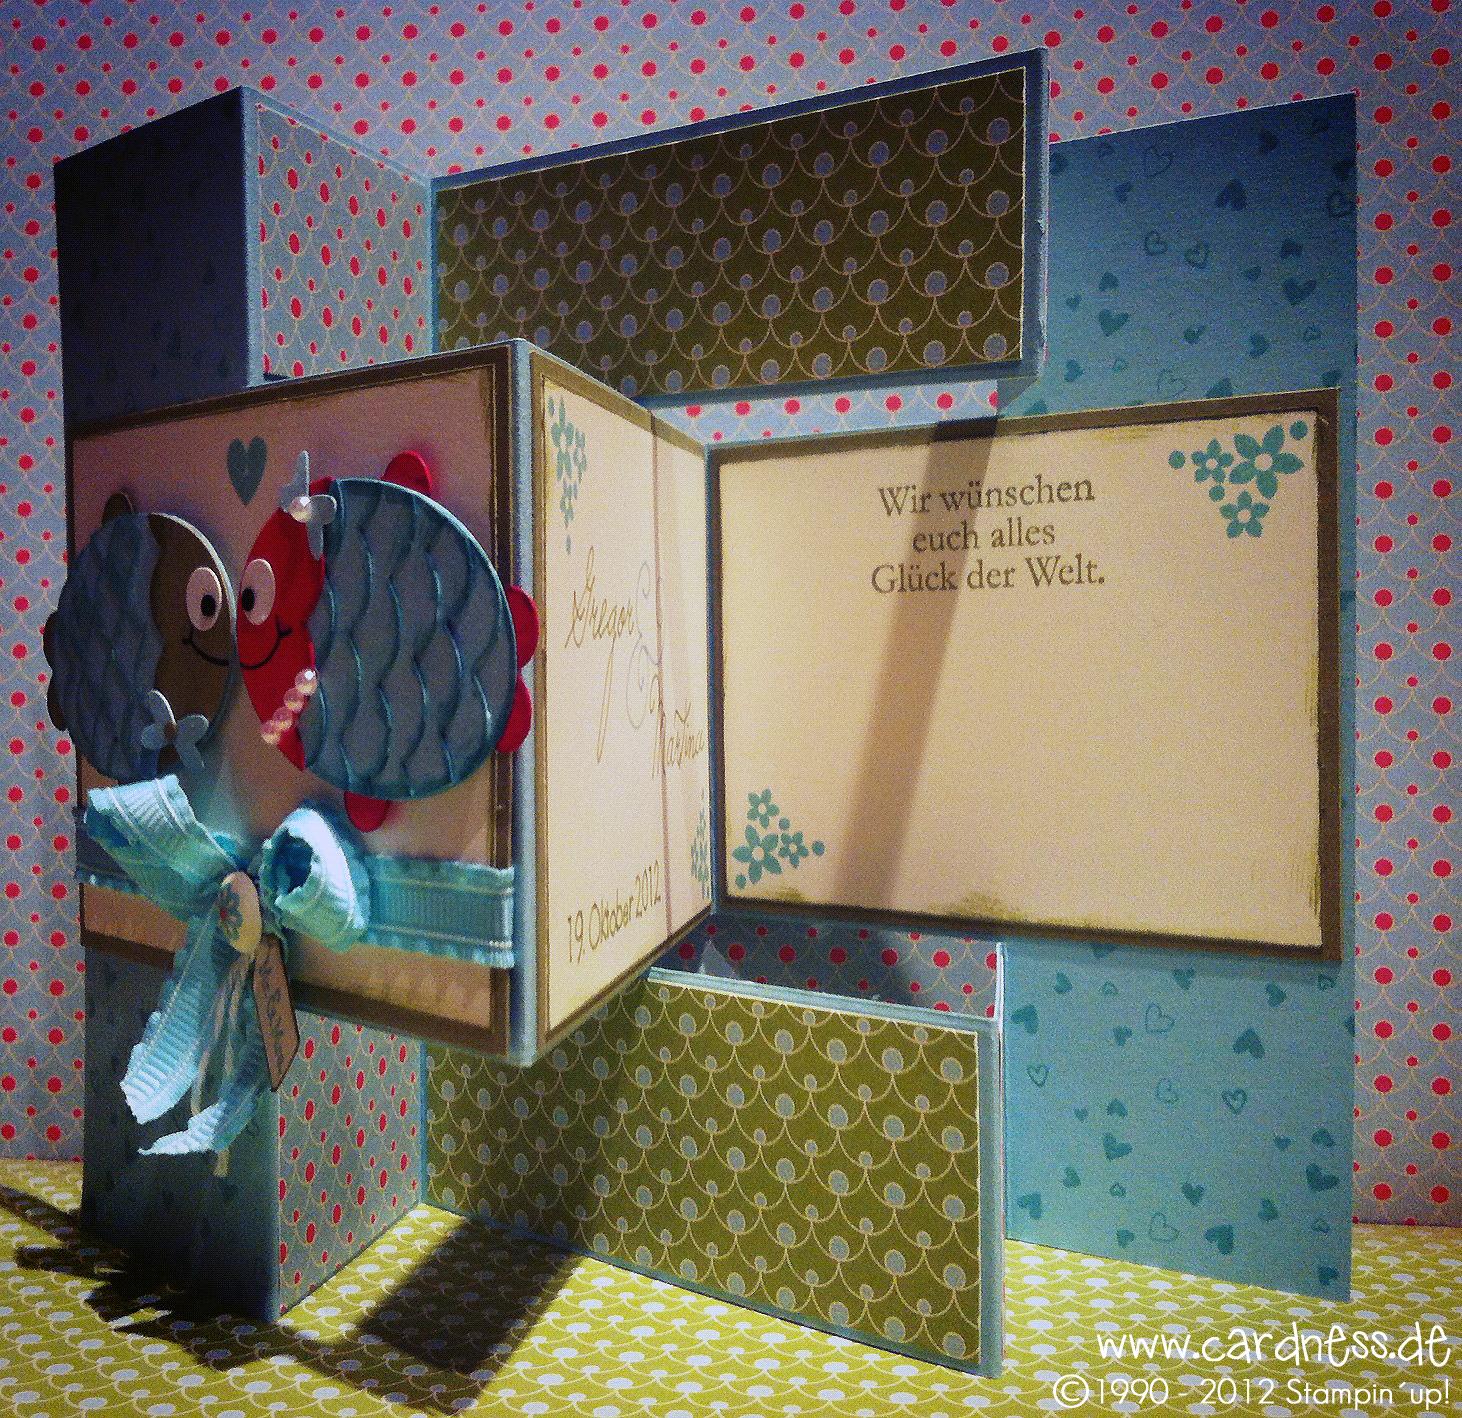 cardness be creative februar 2013. Black Bedroom Furniture Sets. Home Design Ideas